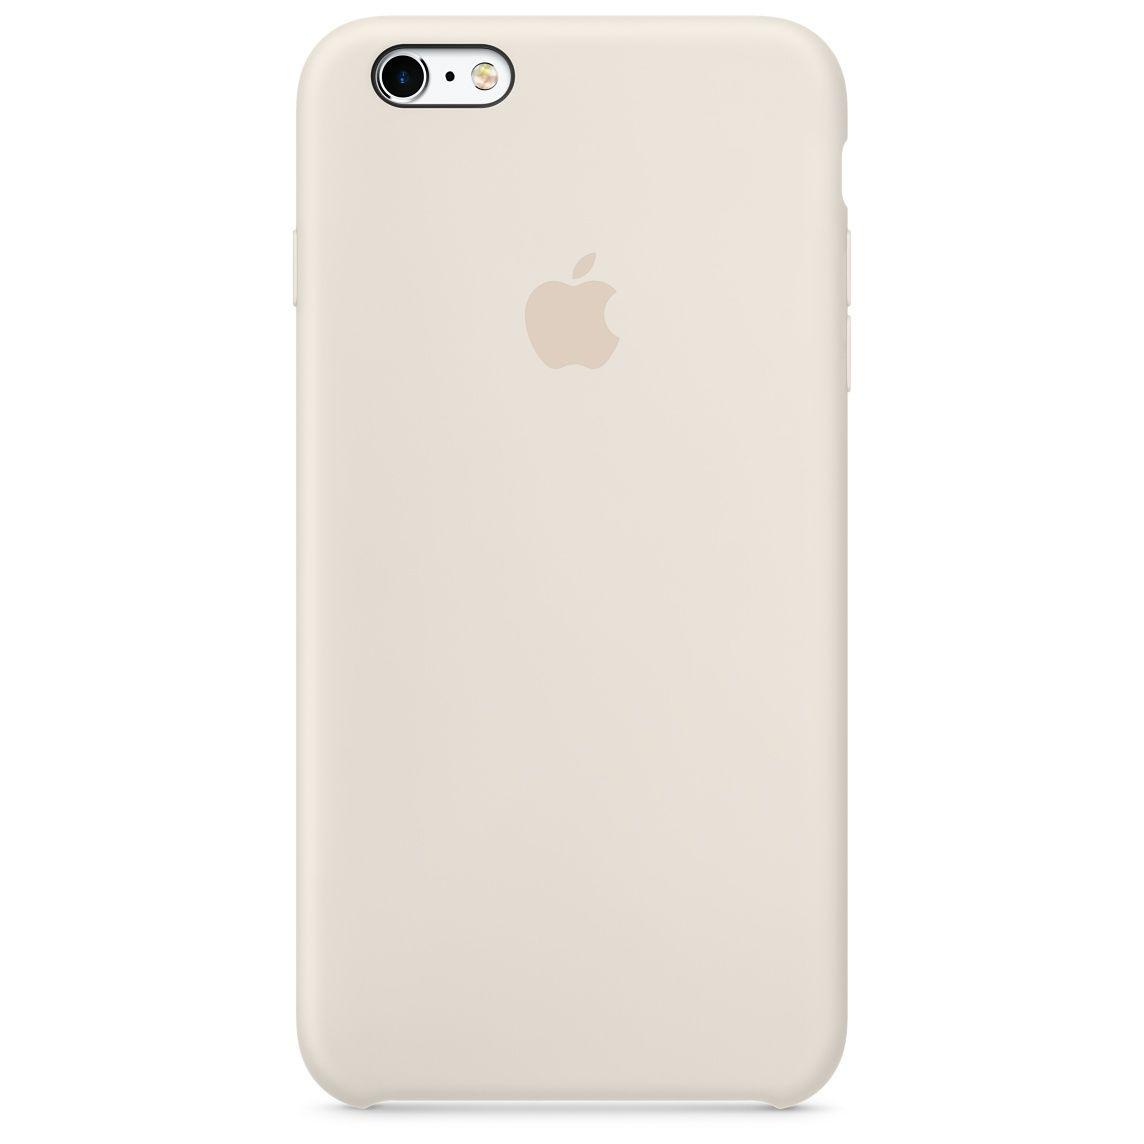 Lilac Genuine Original Apple Iphone Plus Silicone Case Sealed Box 7fb21275148